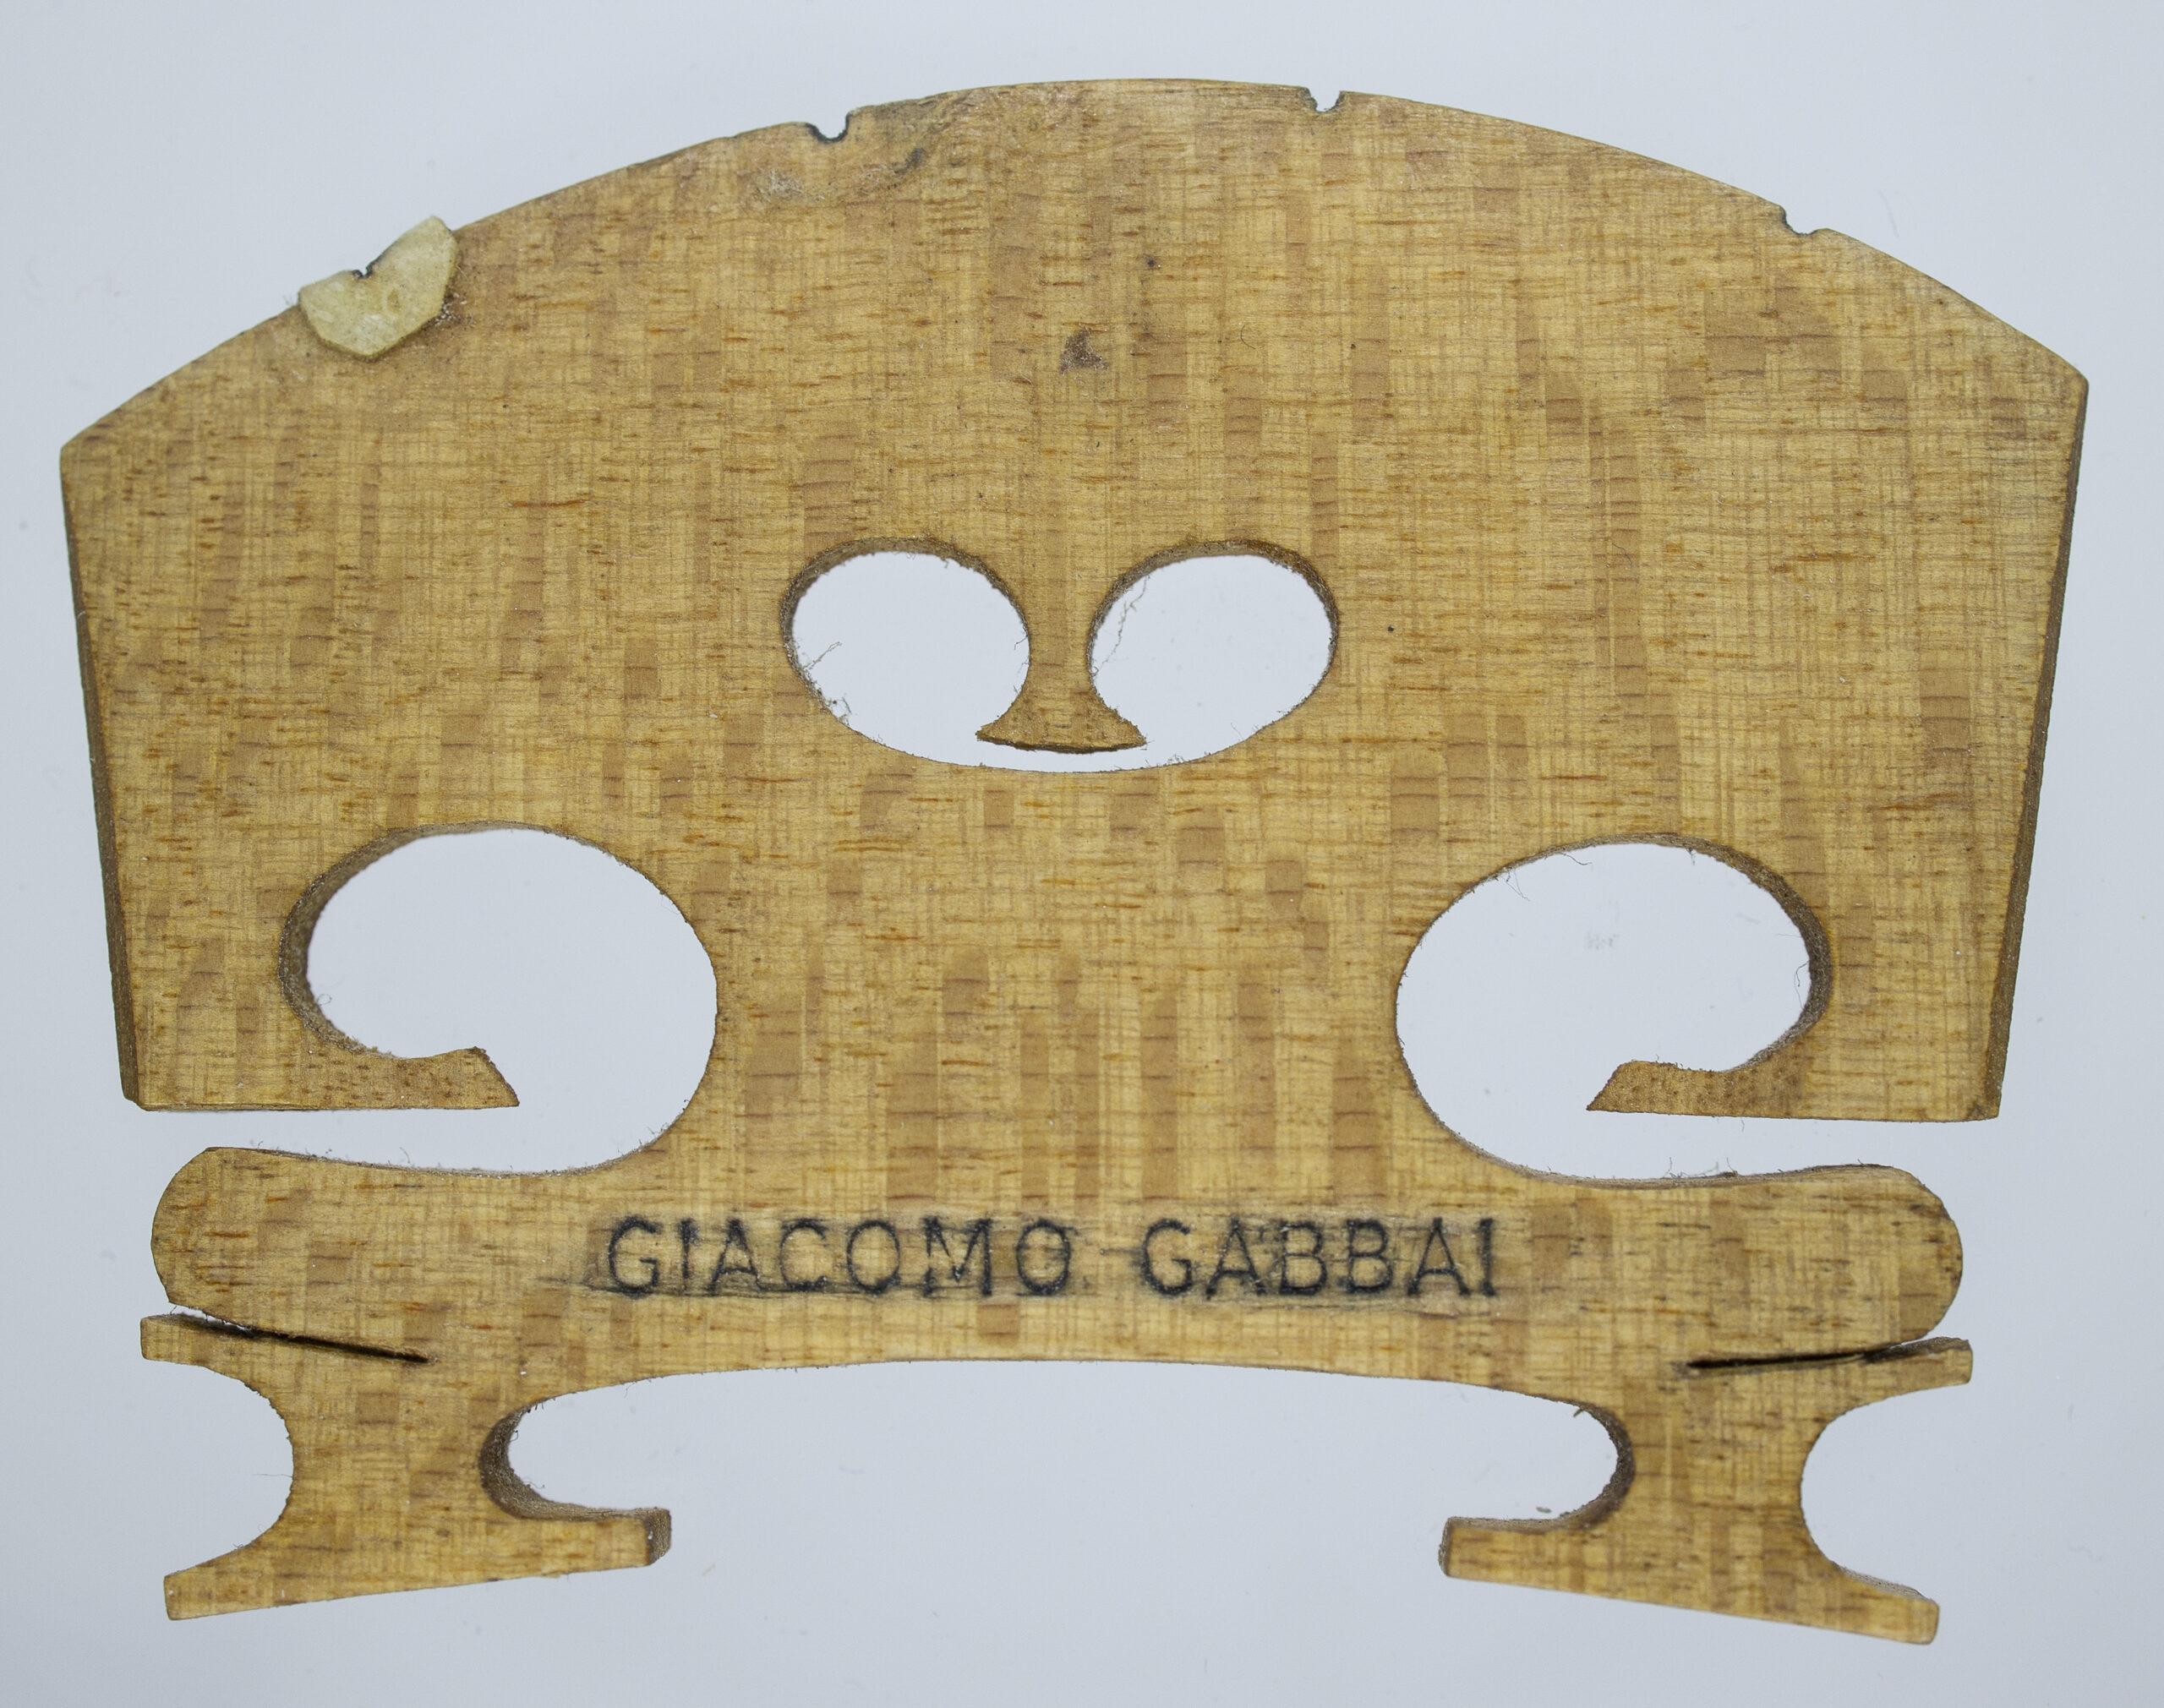 GIACOMO GABBAI